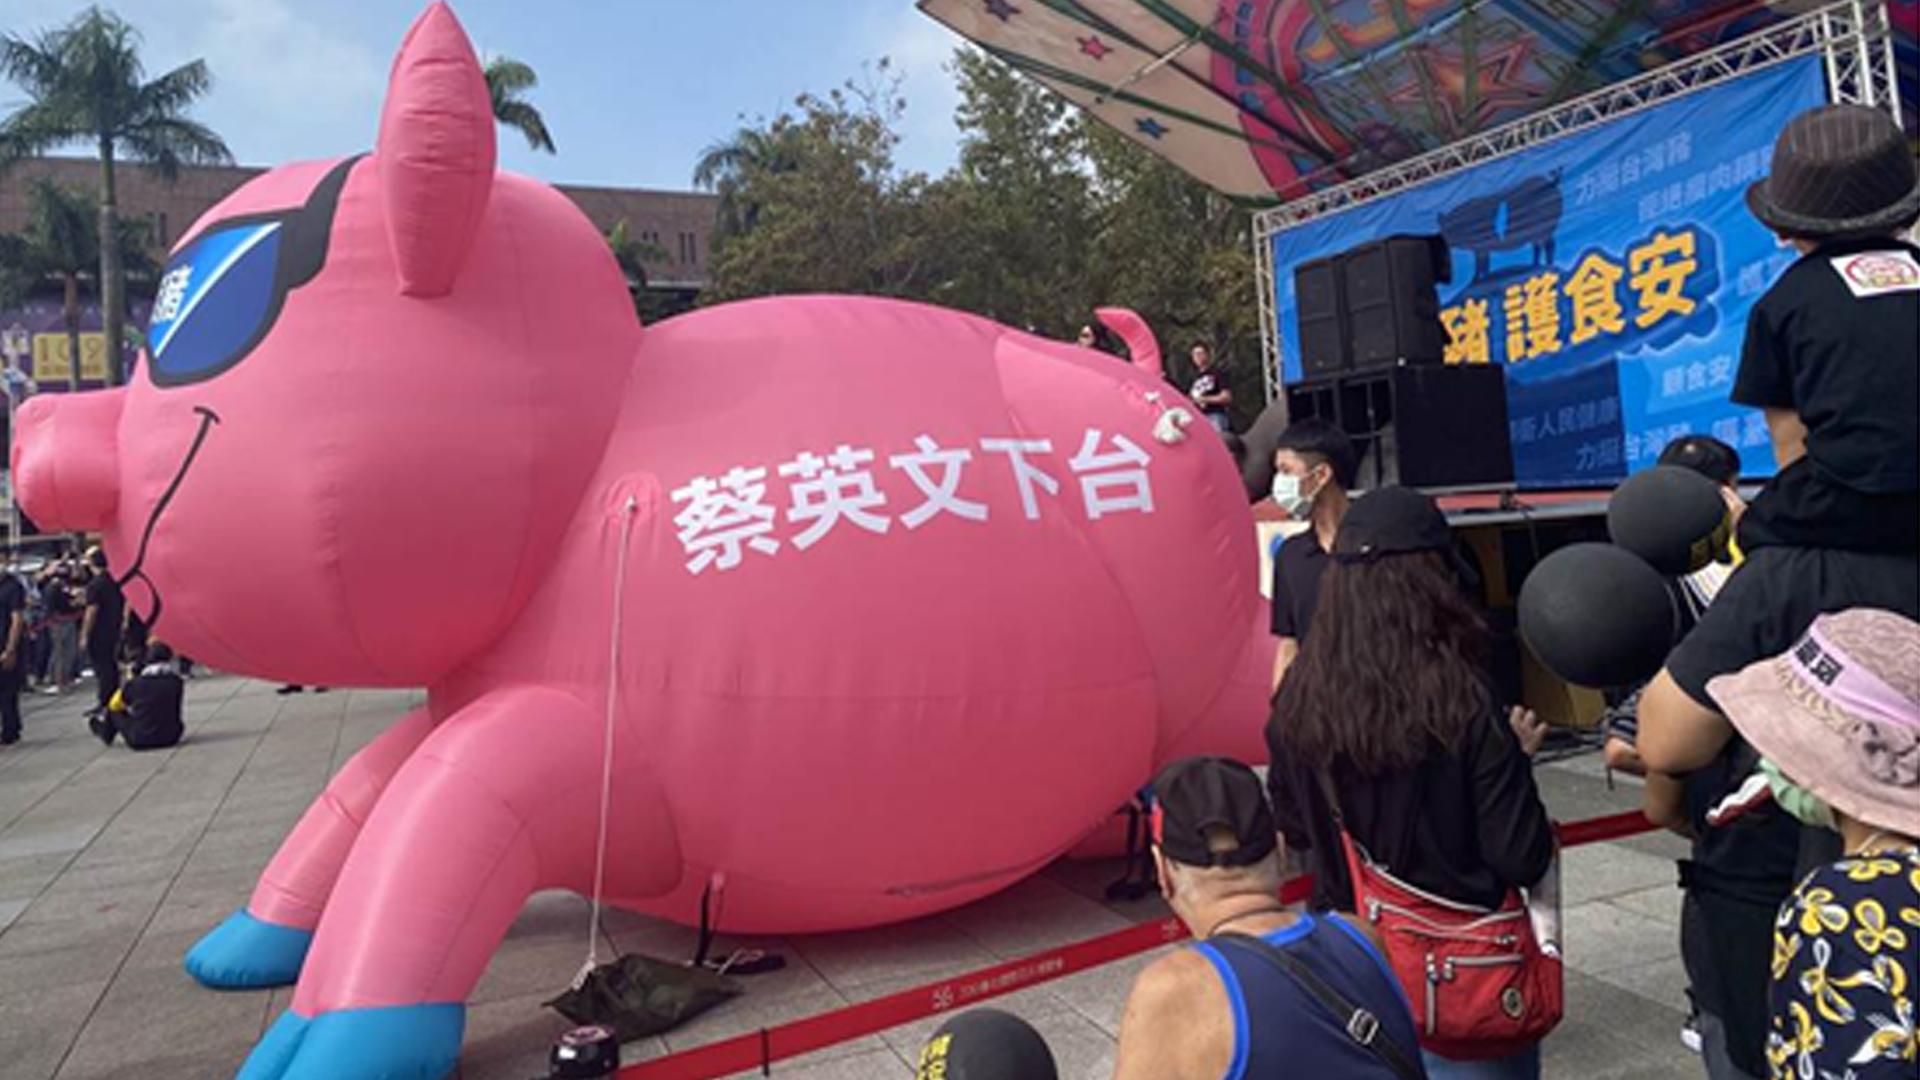 """高呼蔡英文下台!6万人参加""""秋斗""""游行,民进党接下来如何接招?图片"""